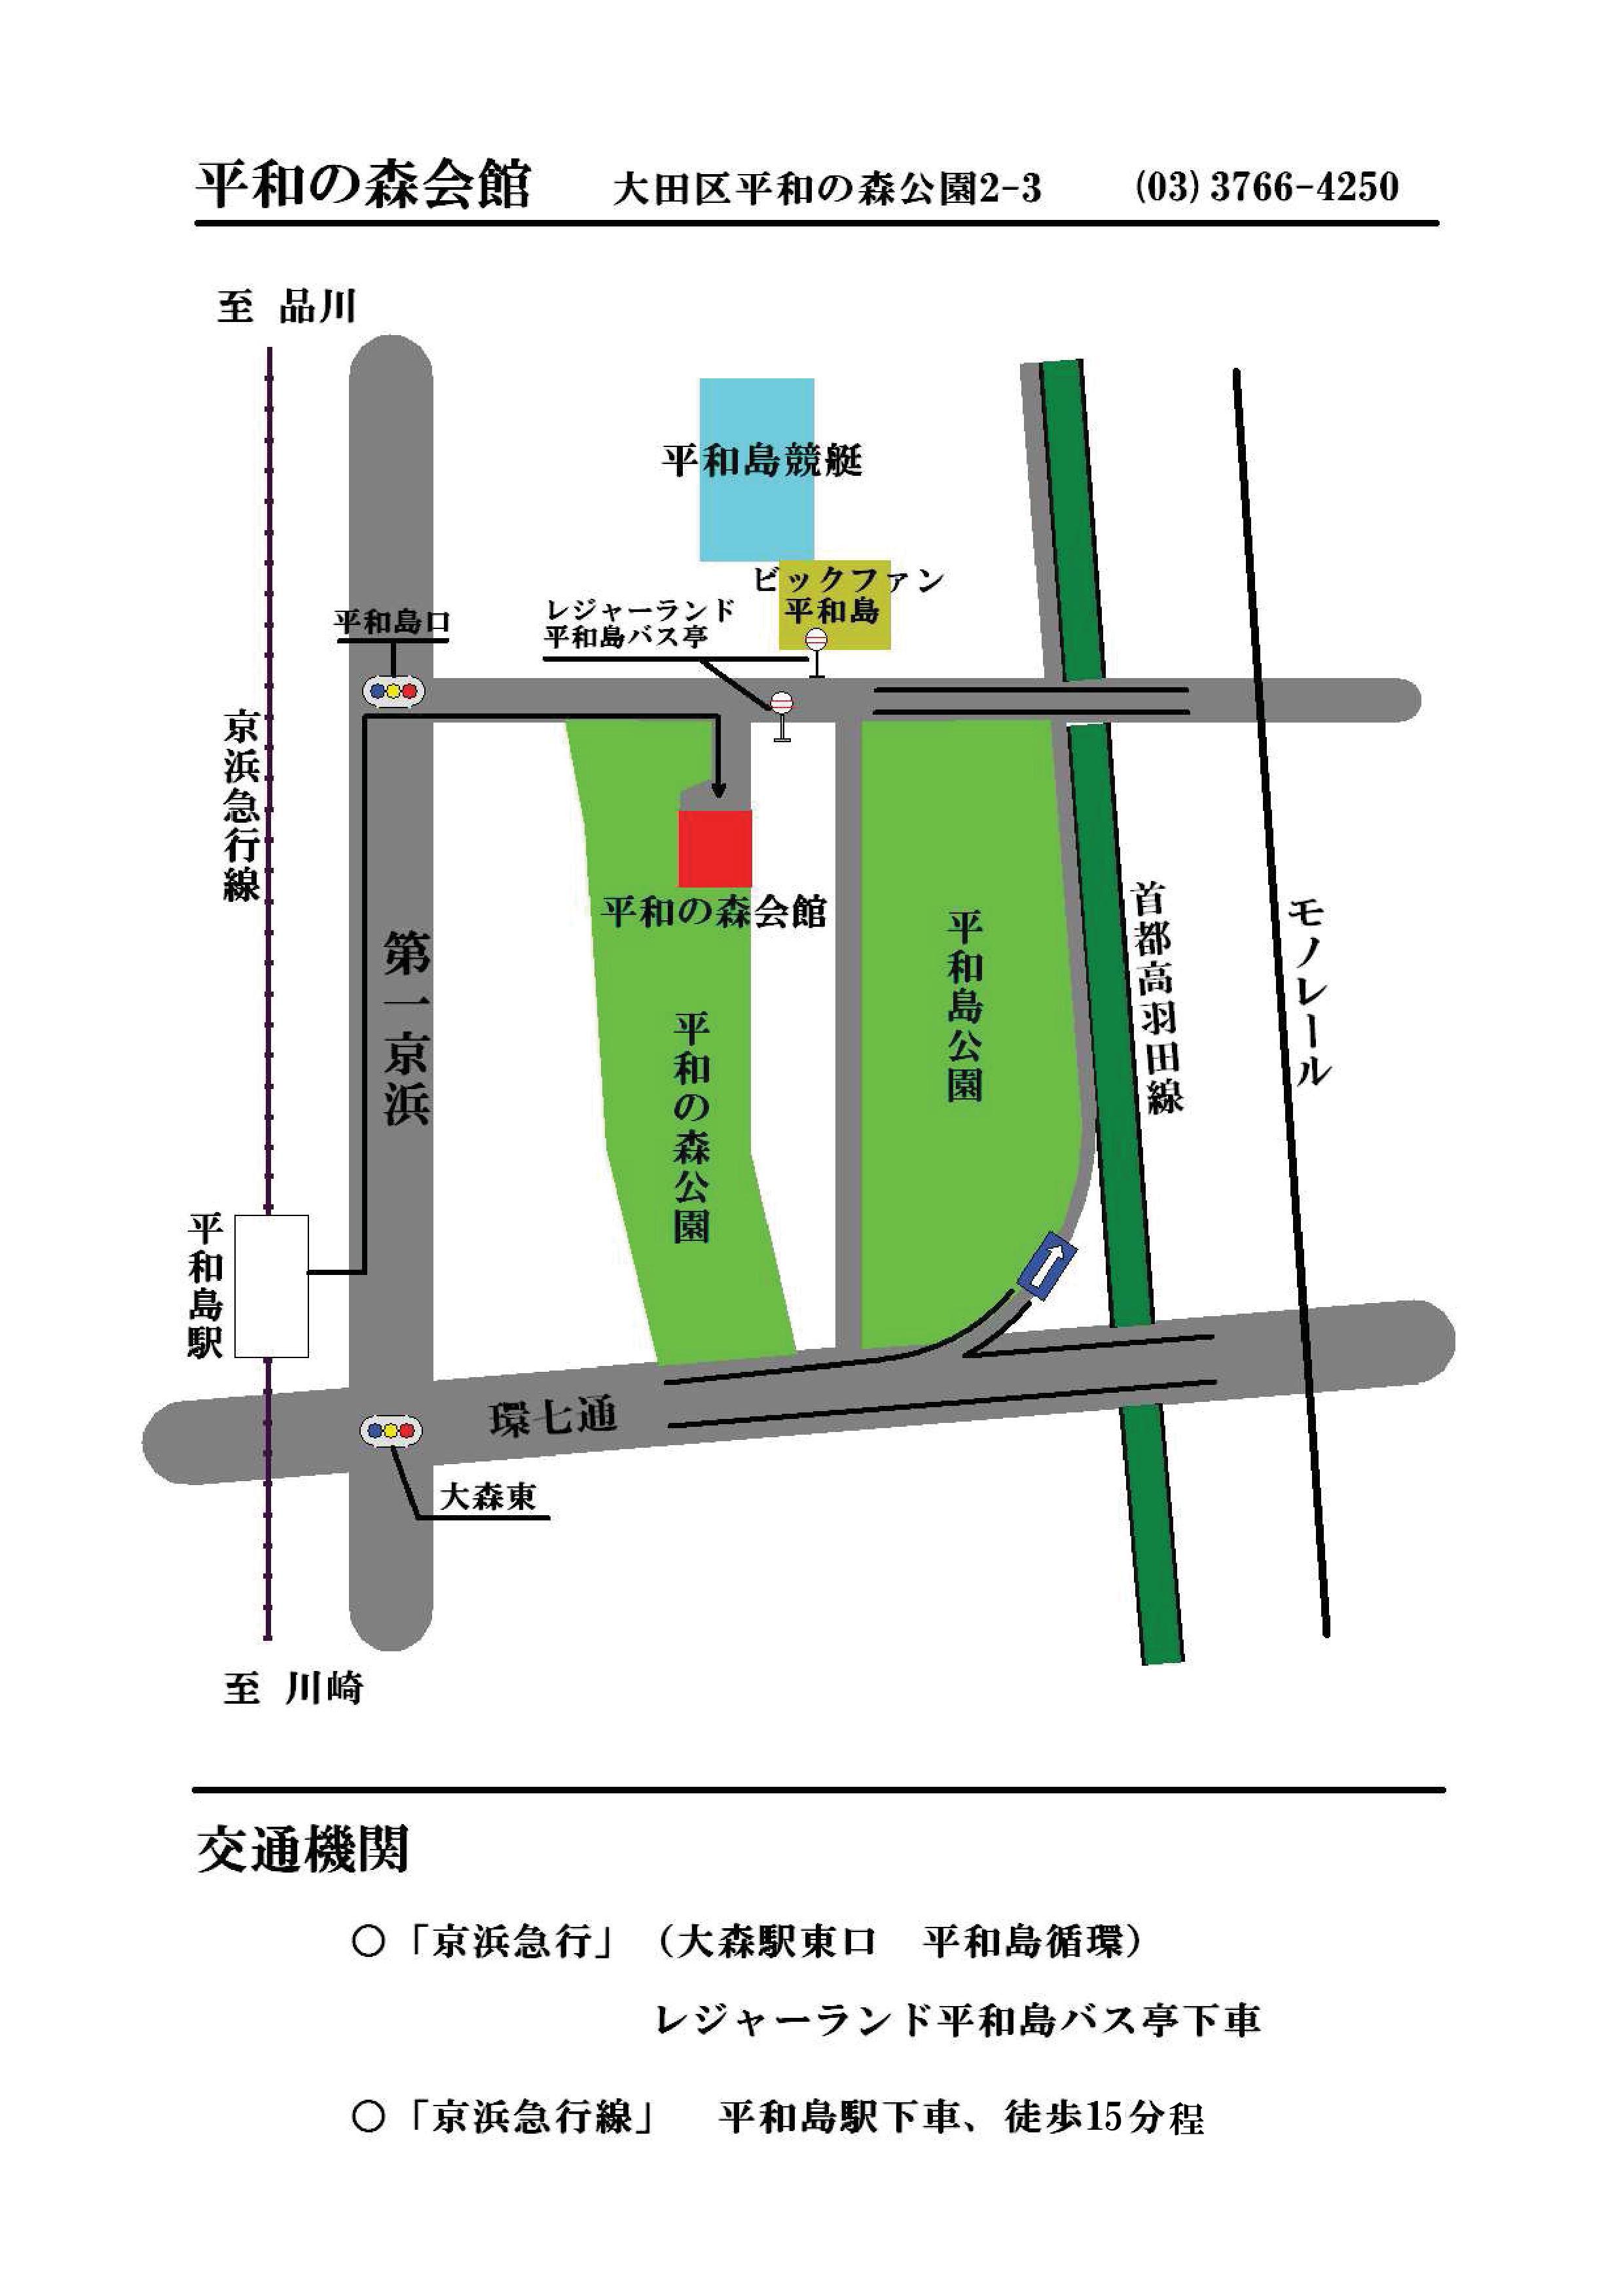 heiwanomori-map